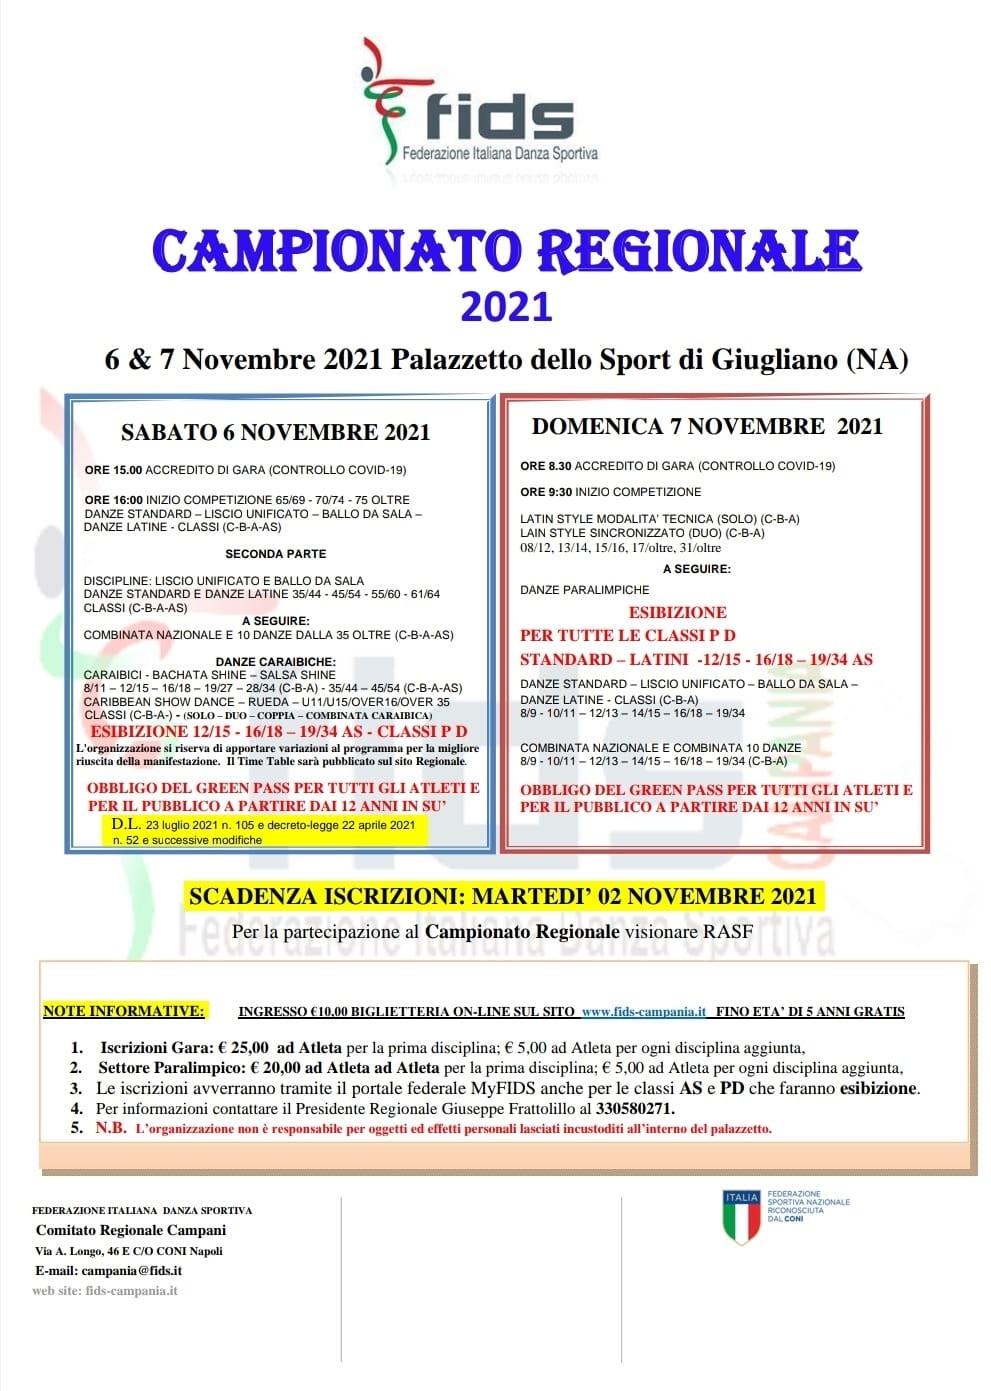 CAMPIONATO REGIONALE GIUGLIANO